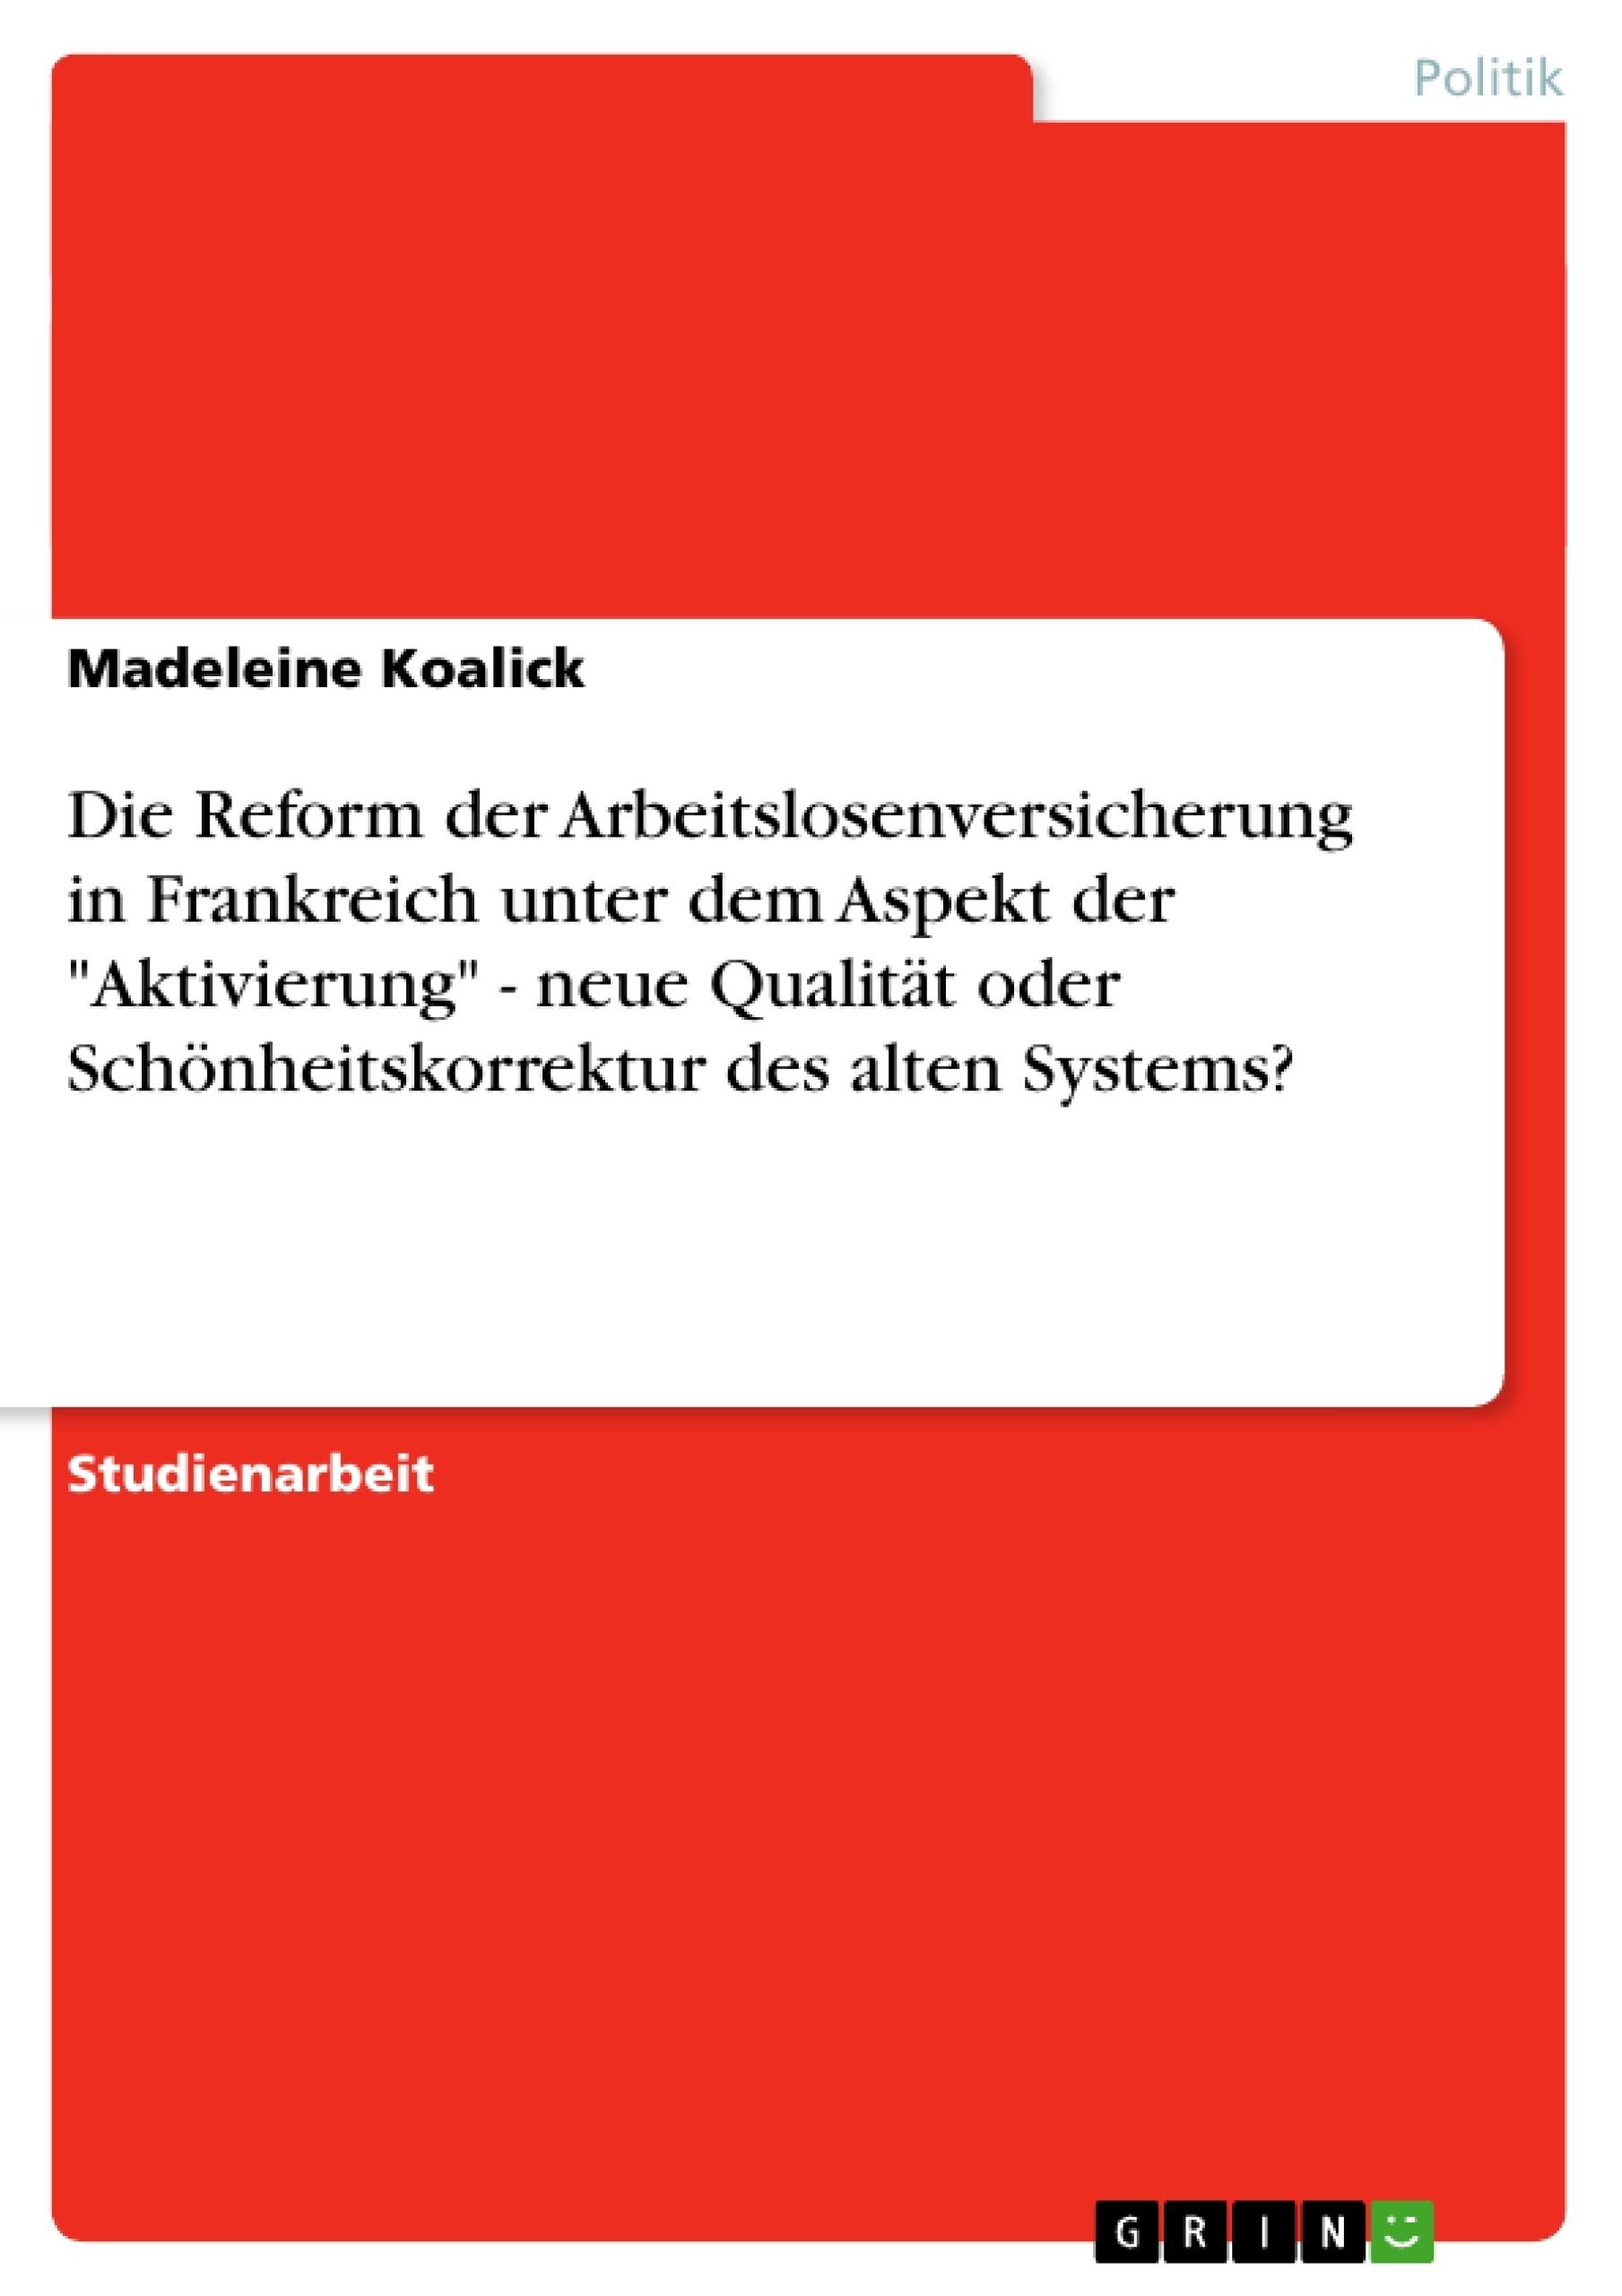 """Titel: Die Reform der Arbeitslosenversicherung in Frankreich unter dem Aspekt der """"Aktivierung"""" - neue Qualität oder Schönheitskorrektur des alten Systems?"""